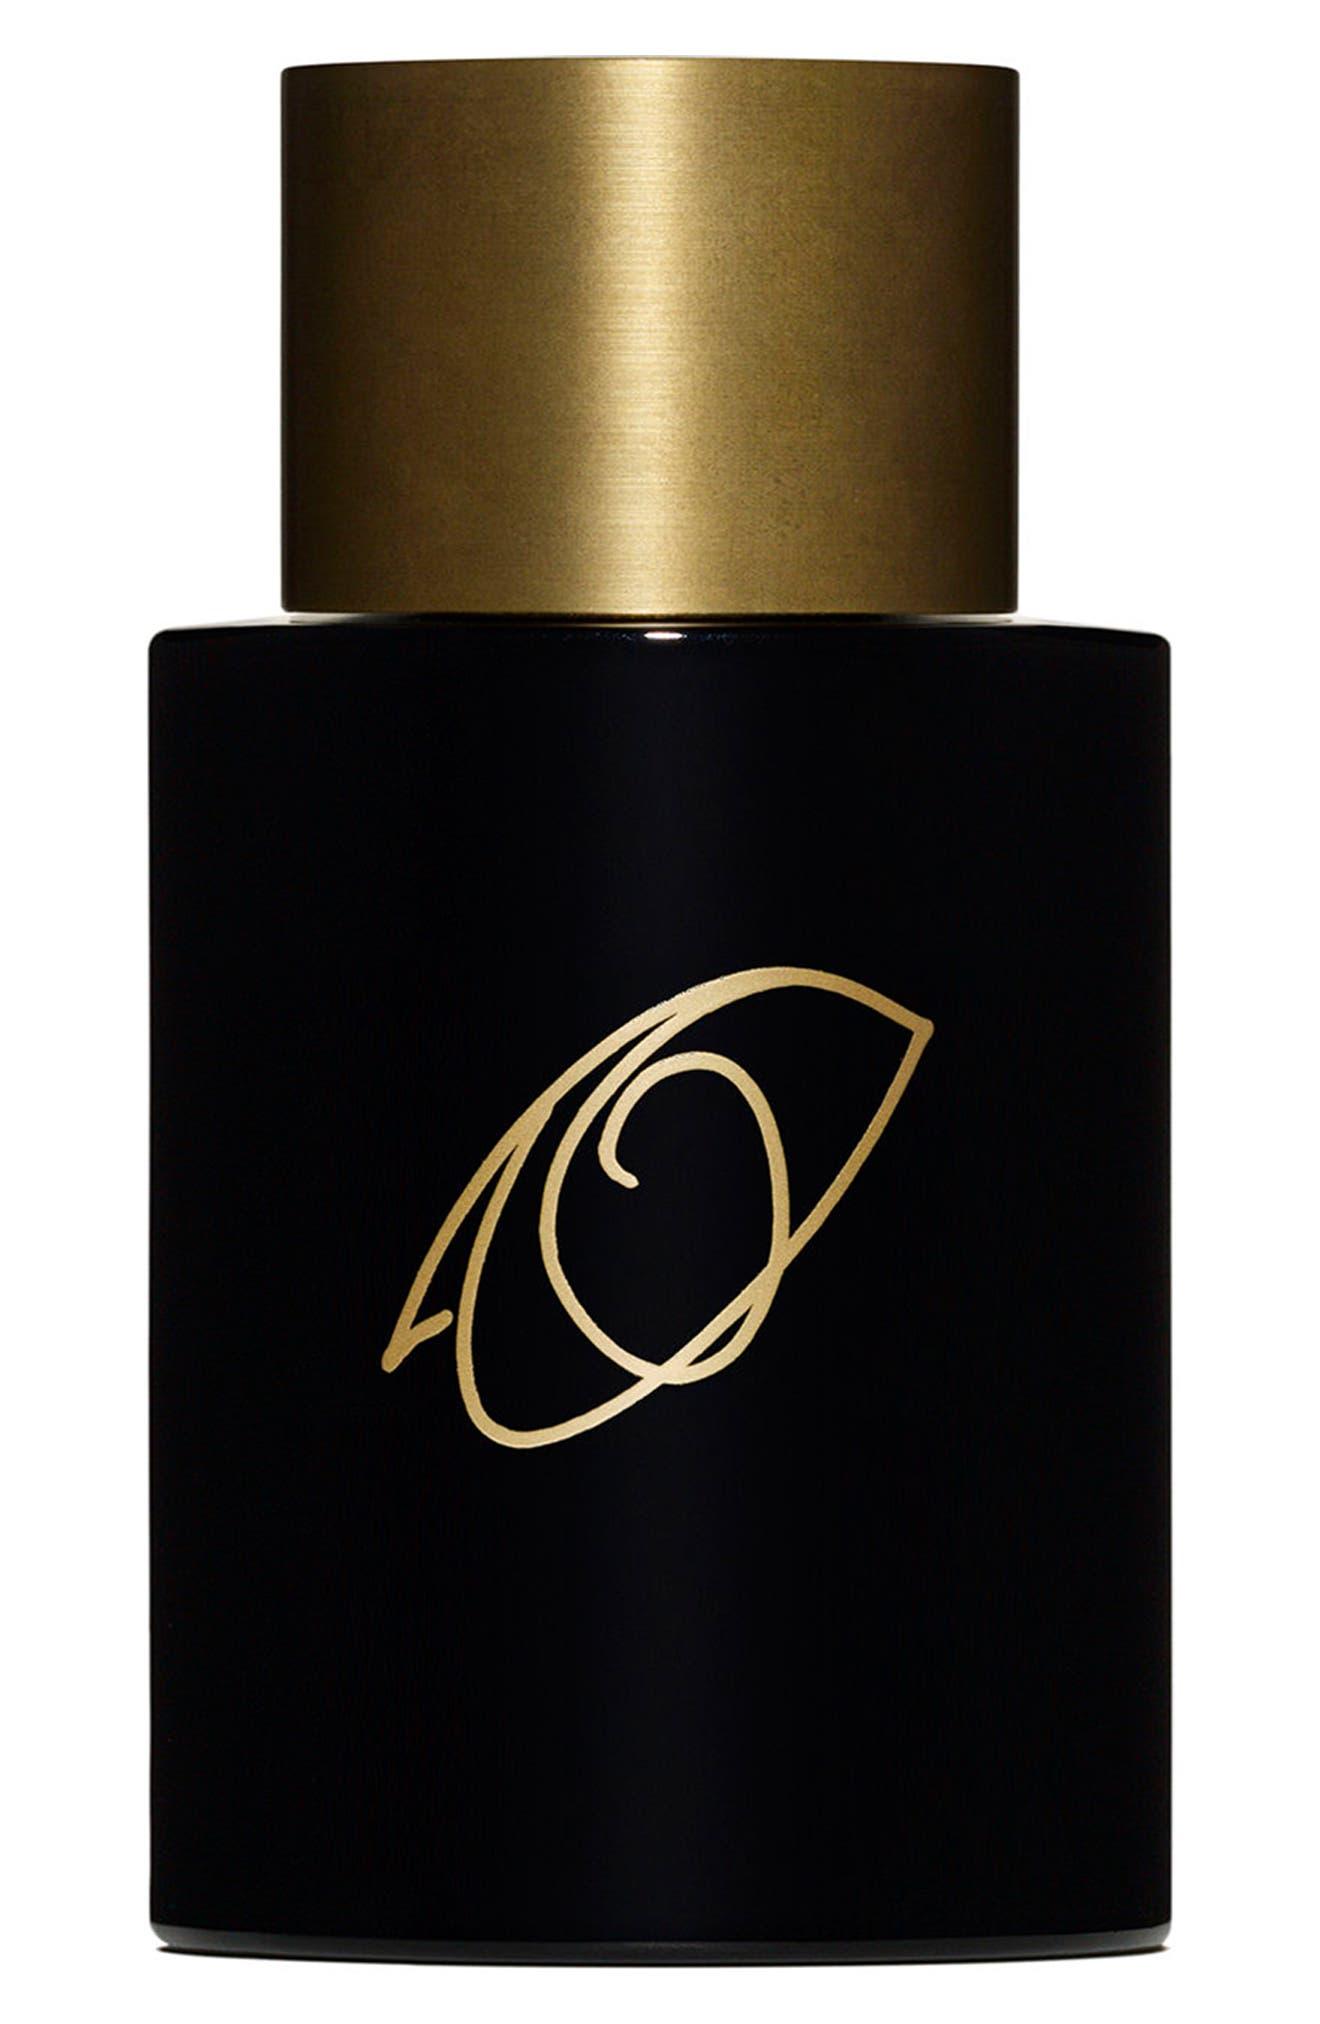 Main Image - Editions de Parfums Frédéric Malle Alber Elbaz Superstitious Large Eau de Parfum